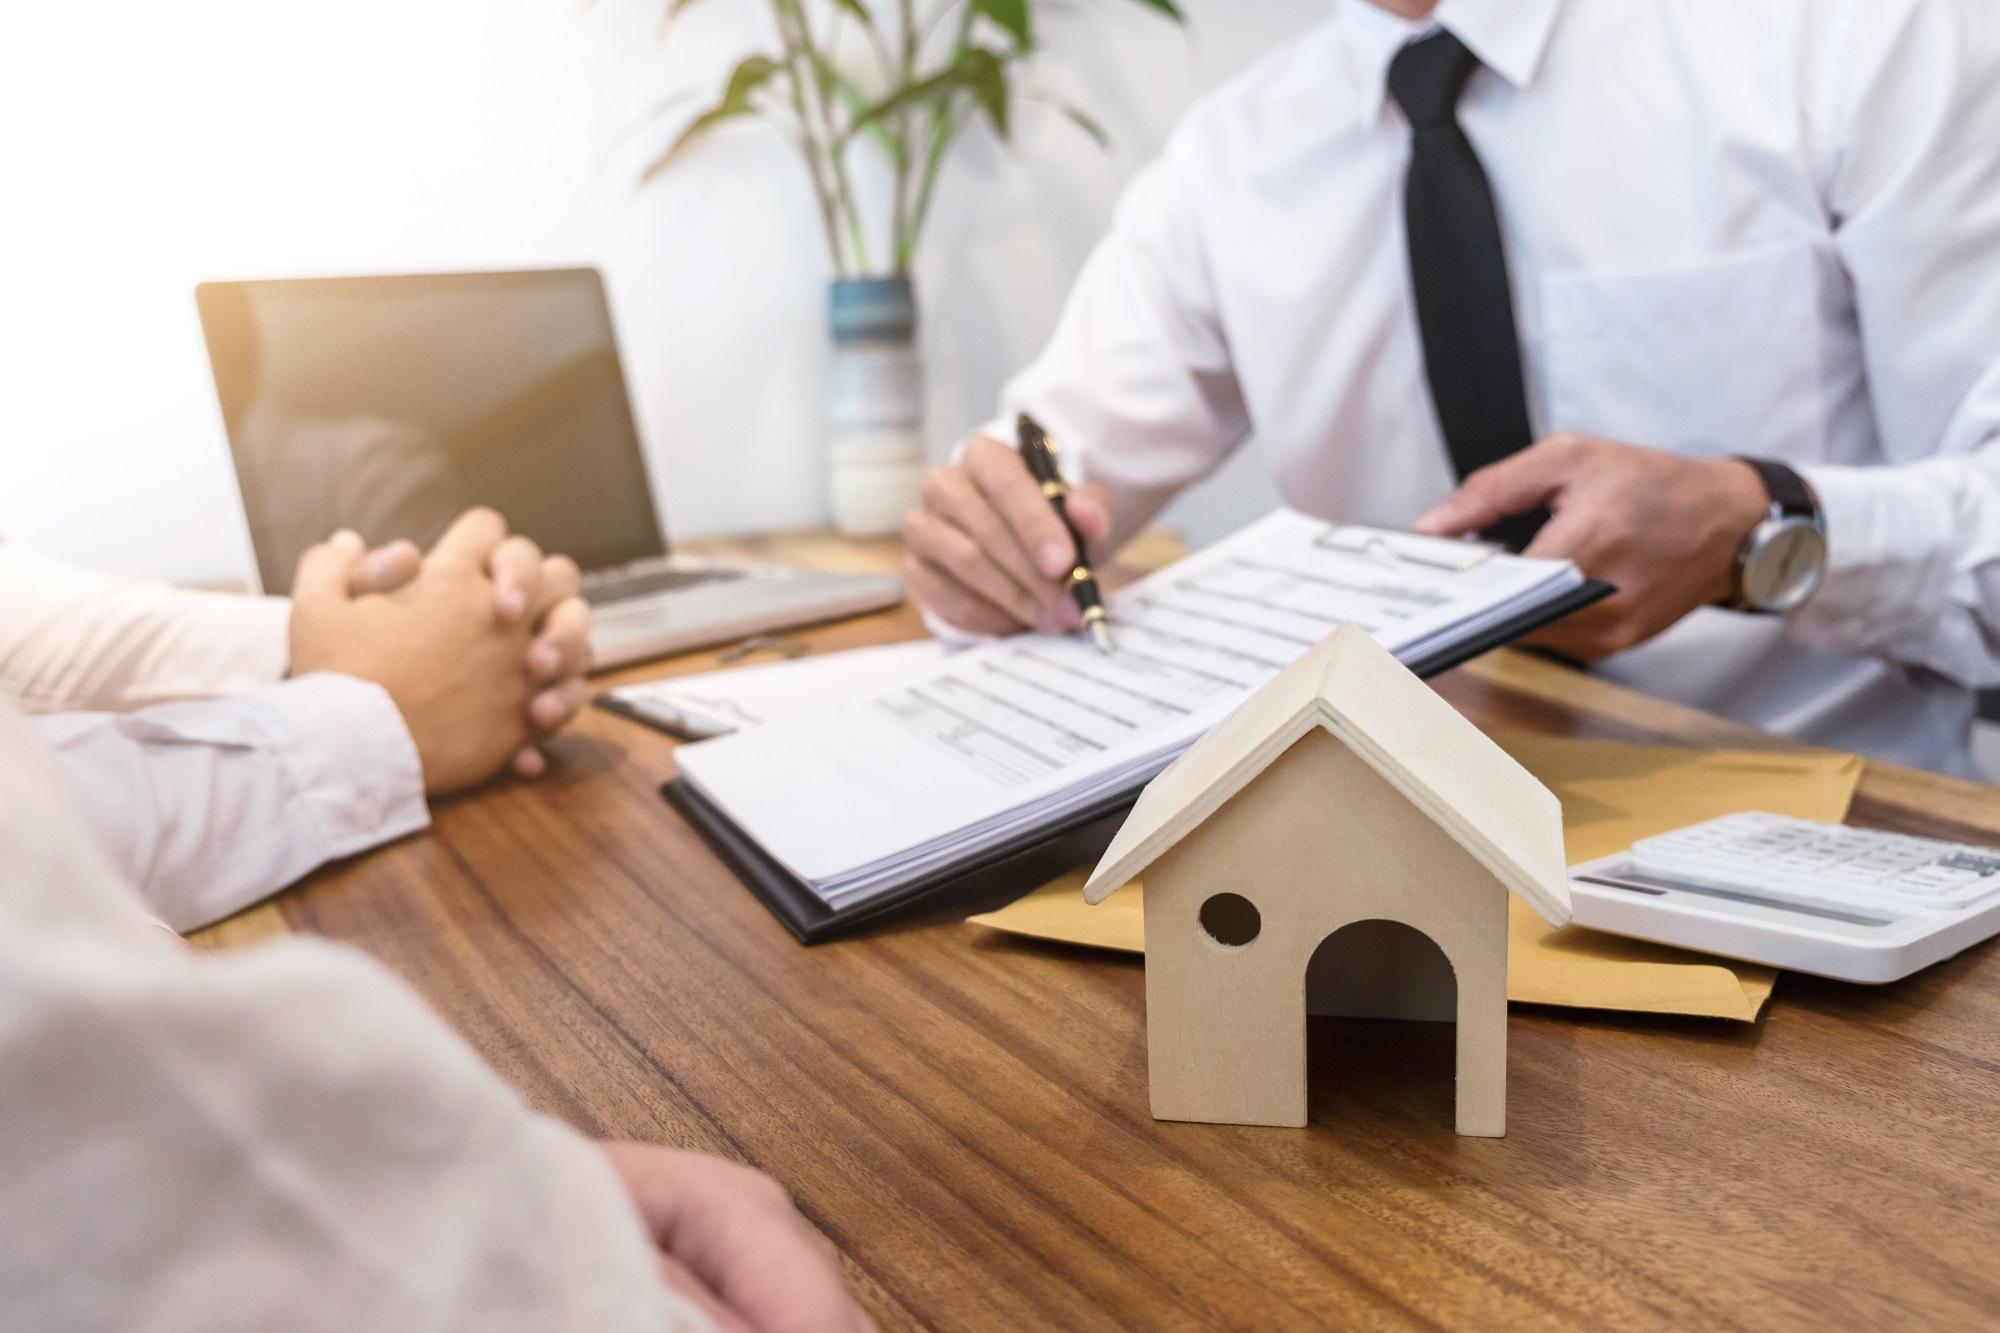 Jak by měl vypadat domovní řád SVJ? Co všechno by měl obsahovat?